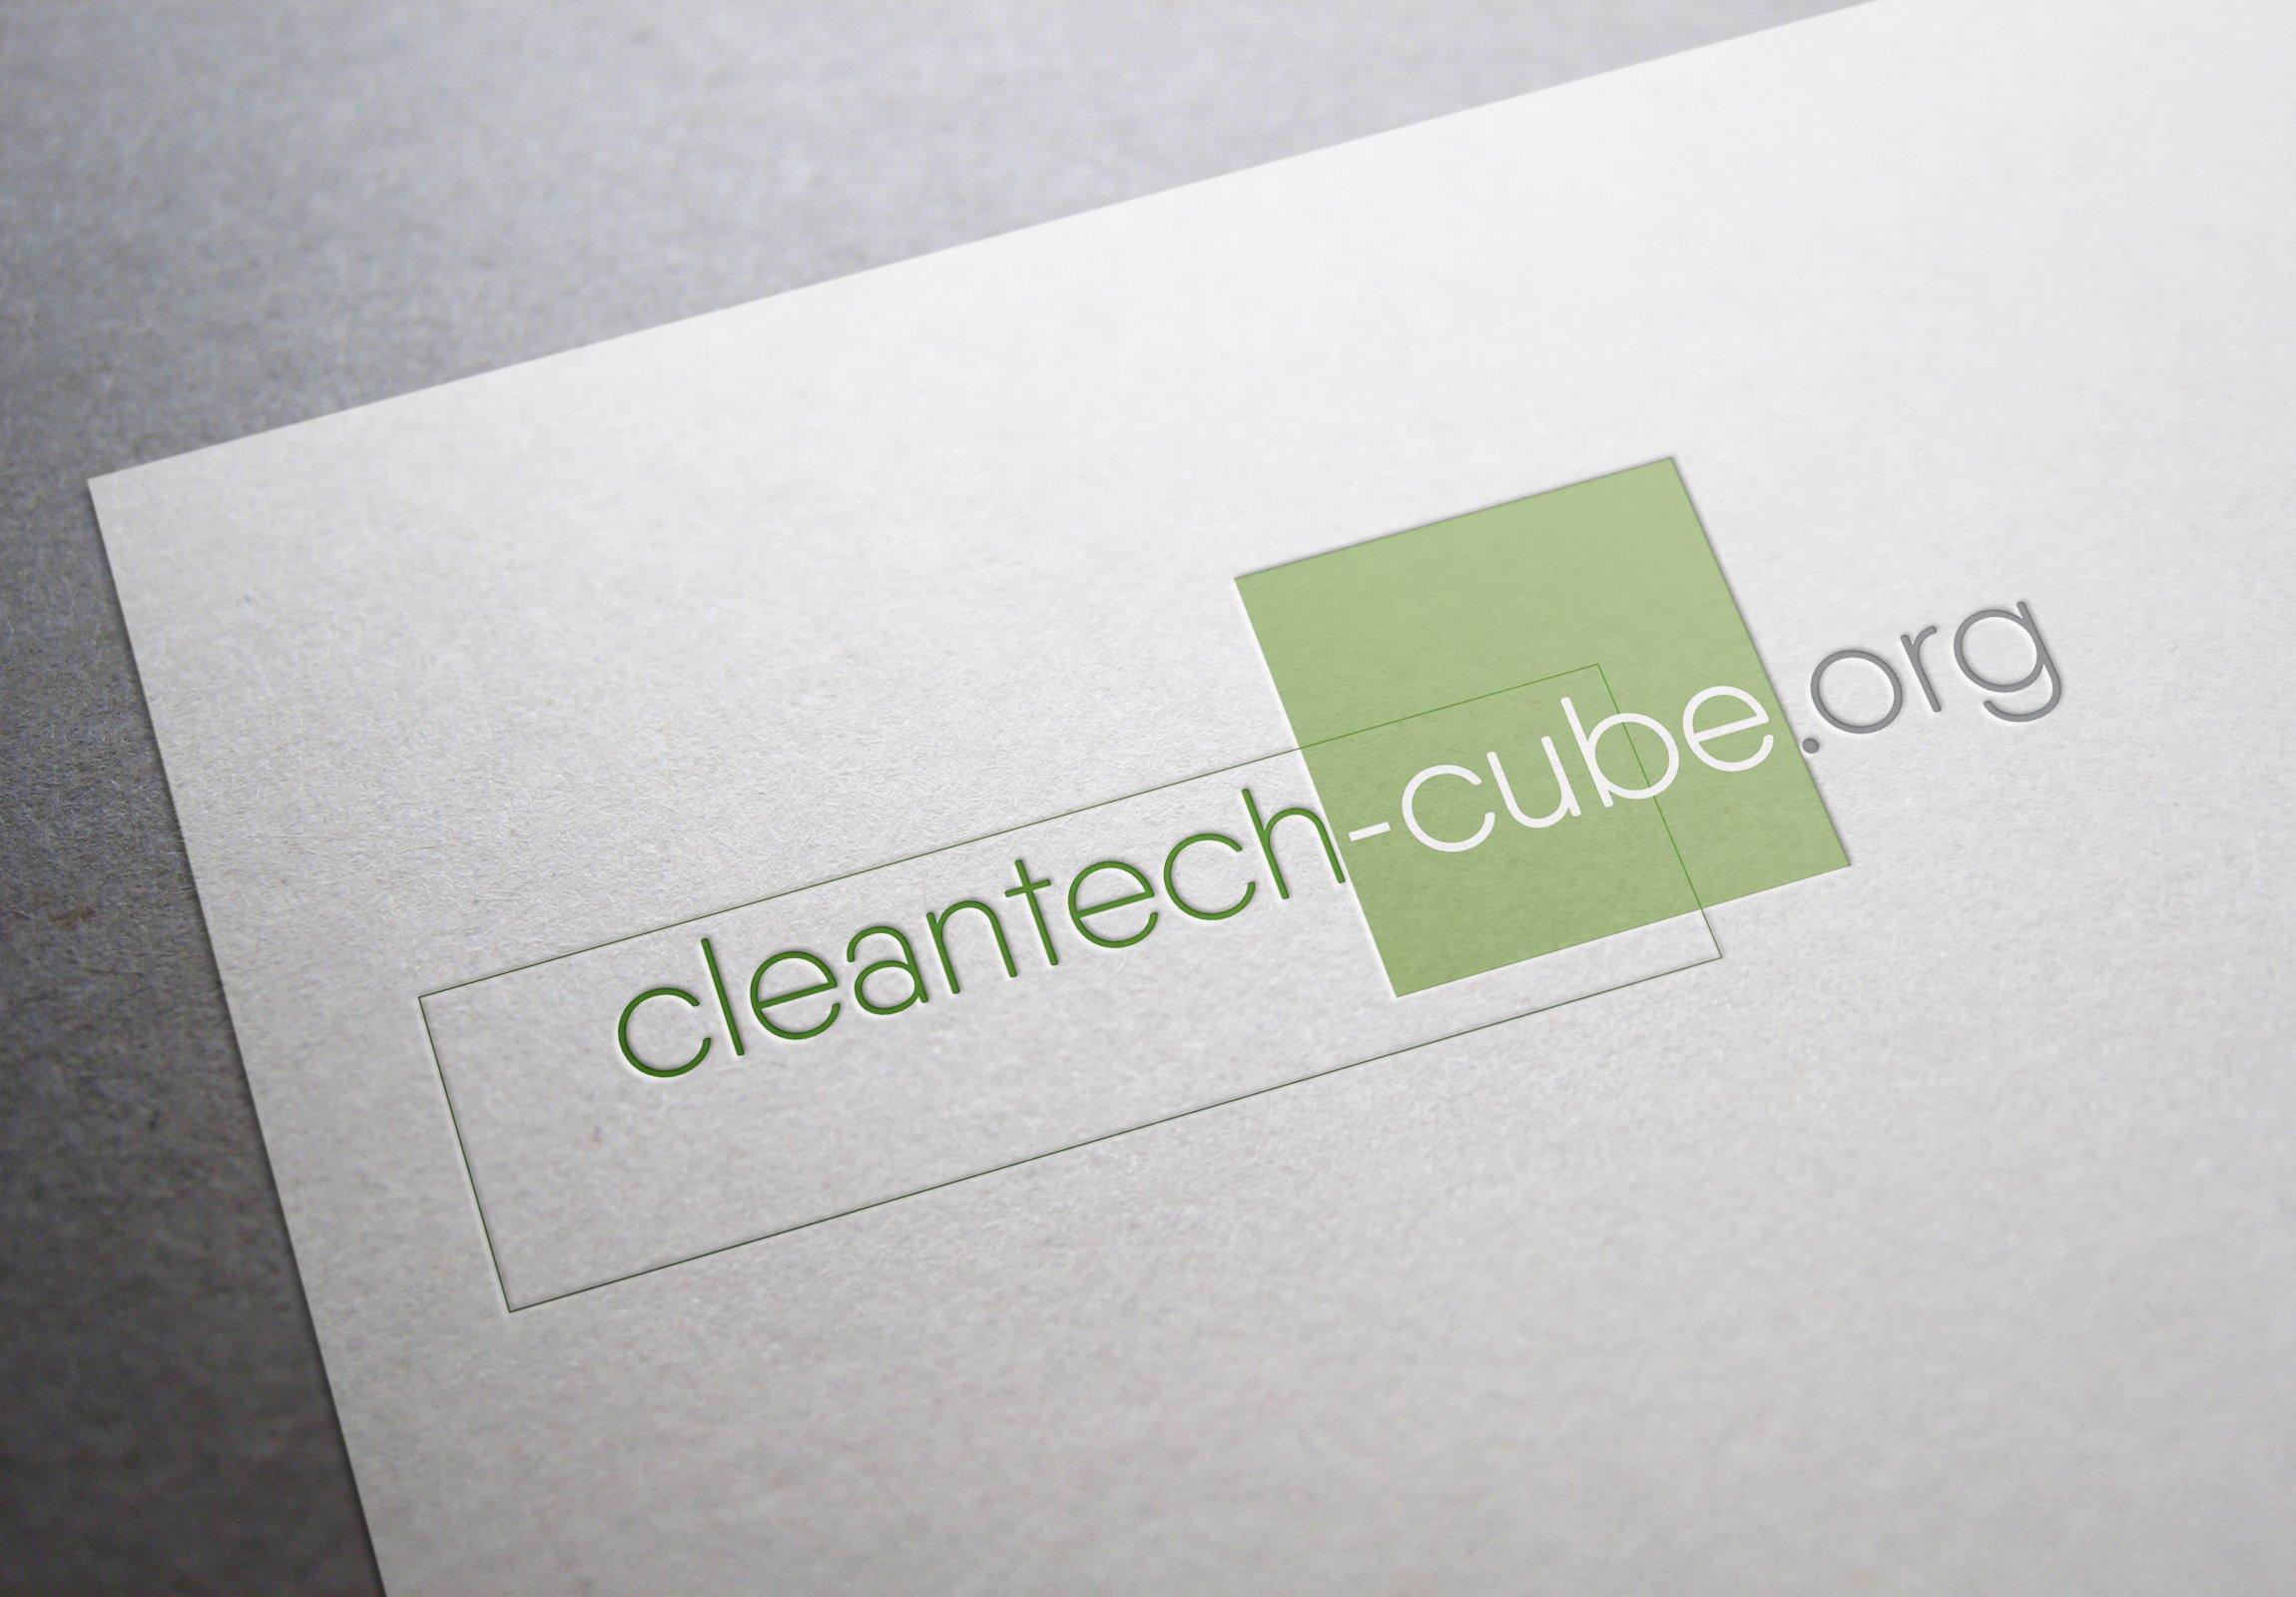 Ich bin an #cleantech Shareholder Anteilen interessiert